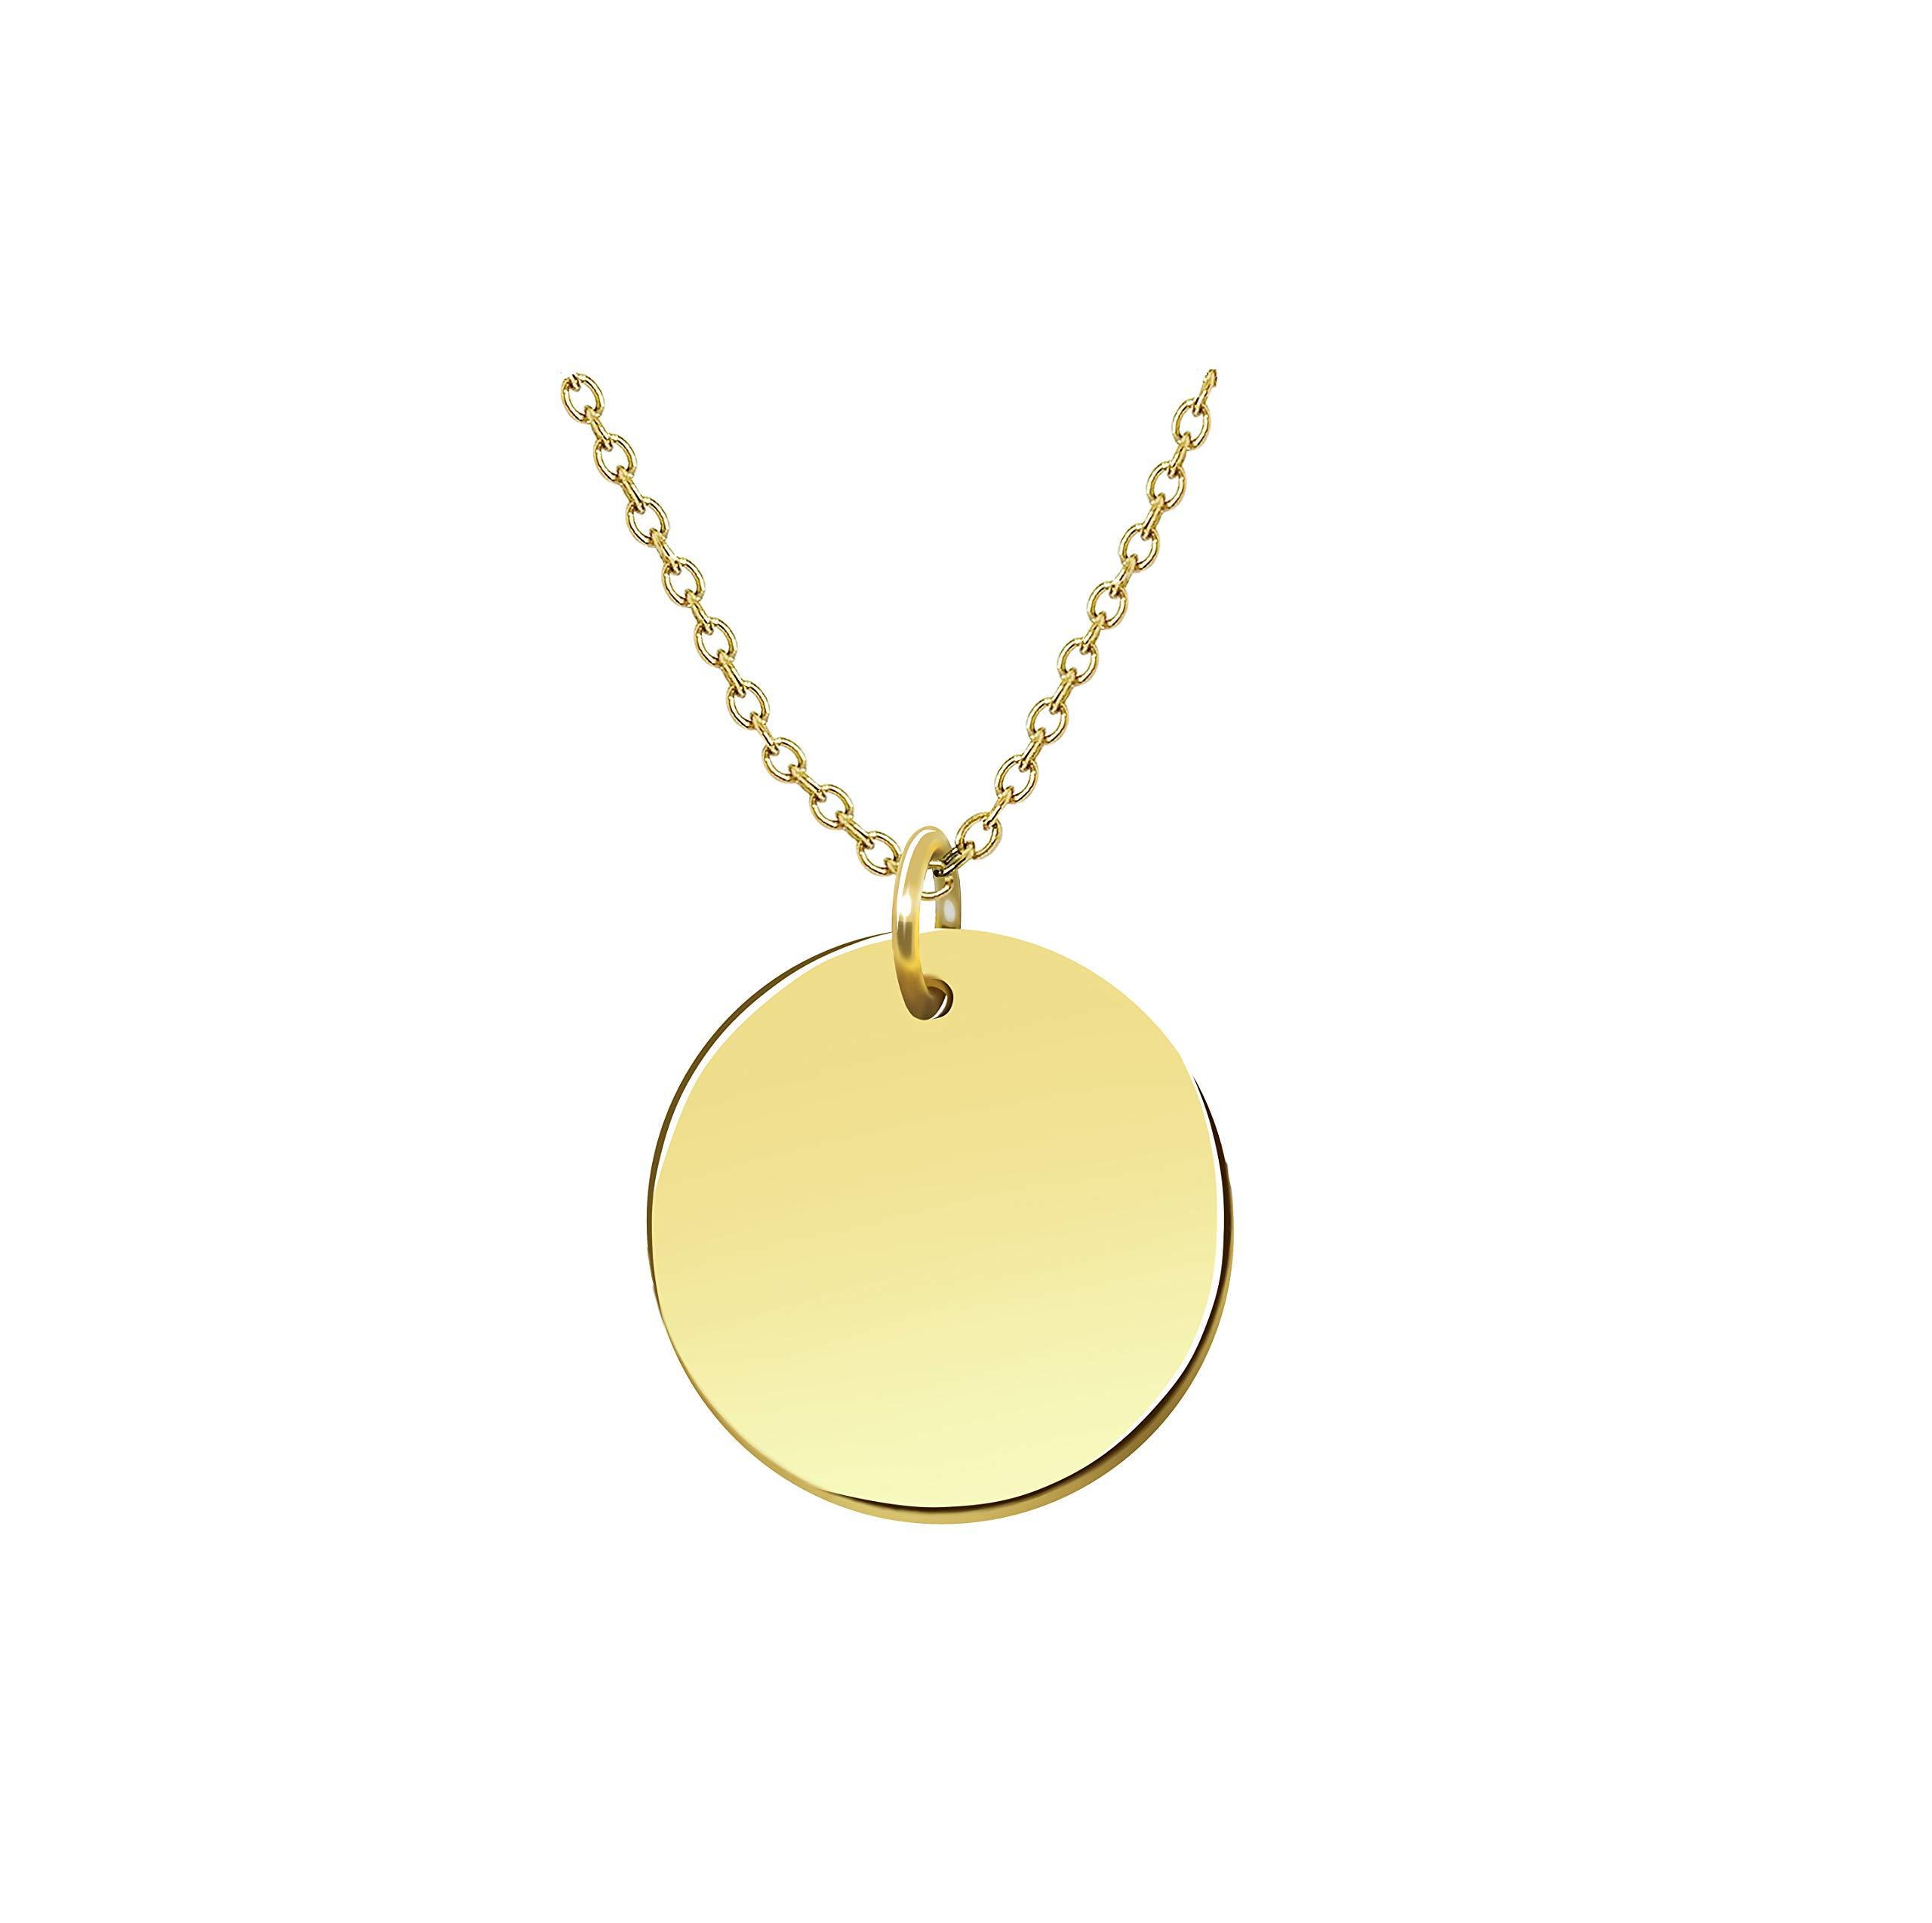 Goldkette für Gravur geeignet